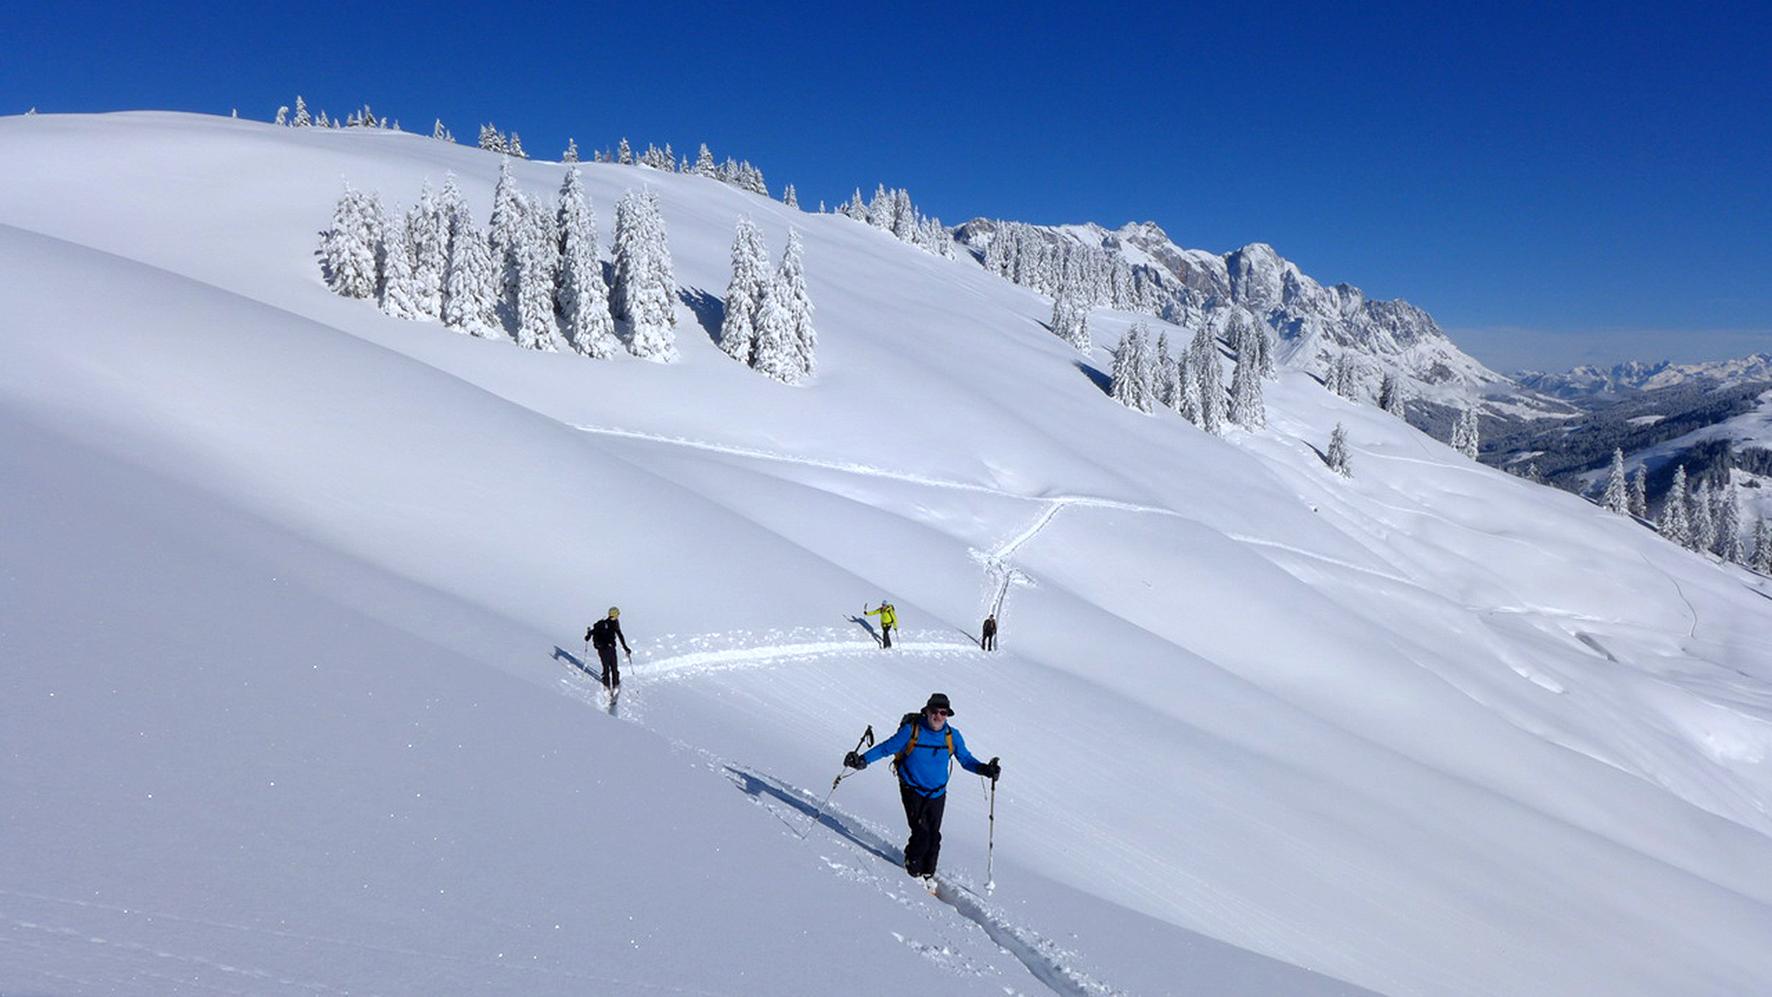 Sicher auf Skitour: Der Alpenverein empfiehlt Entlastungsabstände von 10 Metern beim Aufstieg in Steilhängen (über 30°). Das reduziert nicht nur die Belastung auf die Schneedecke, sondern steigert auch den Komfort bei Spitzkehren